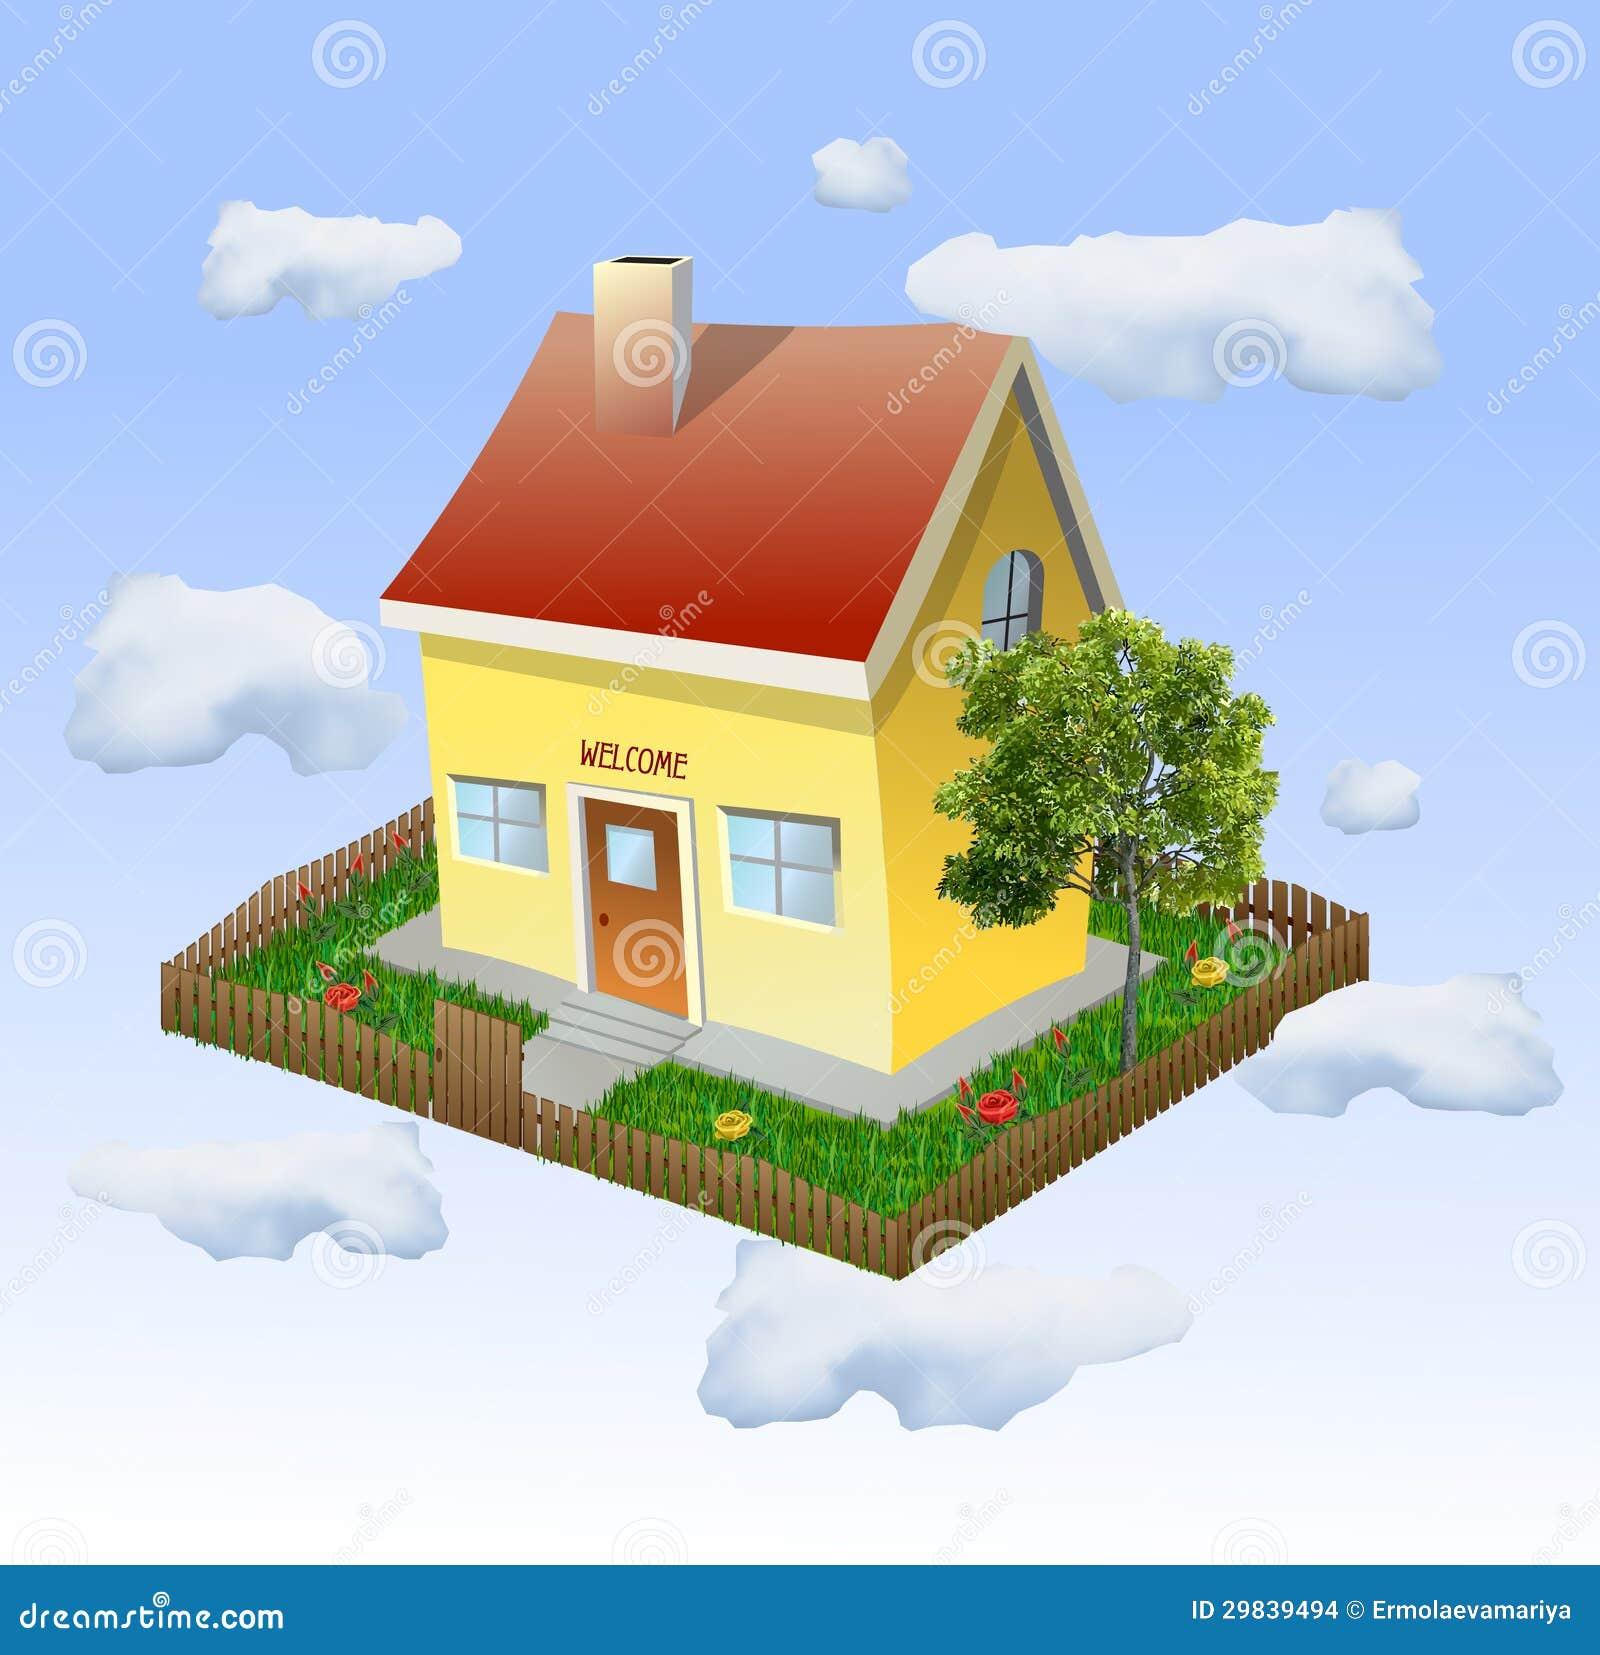 Casa com um jardim nas nuvens. Vetor